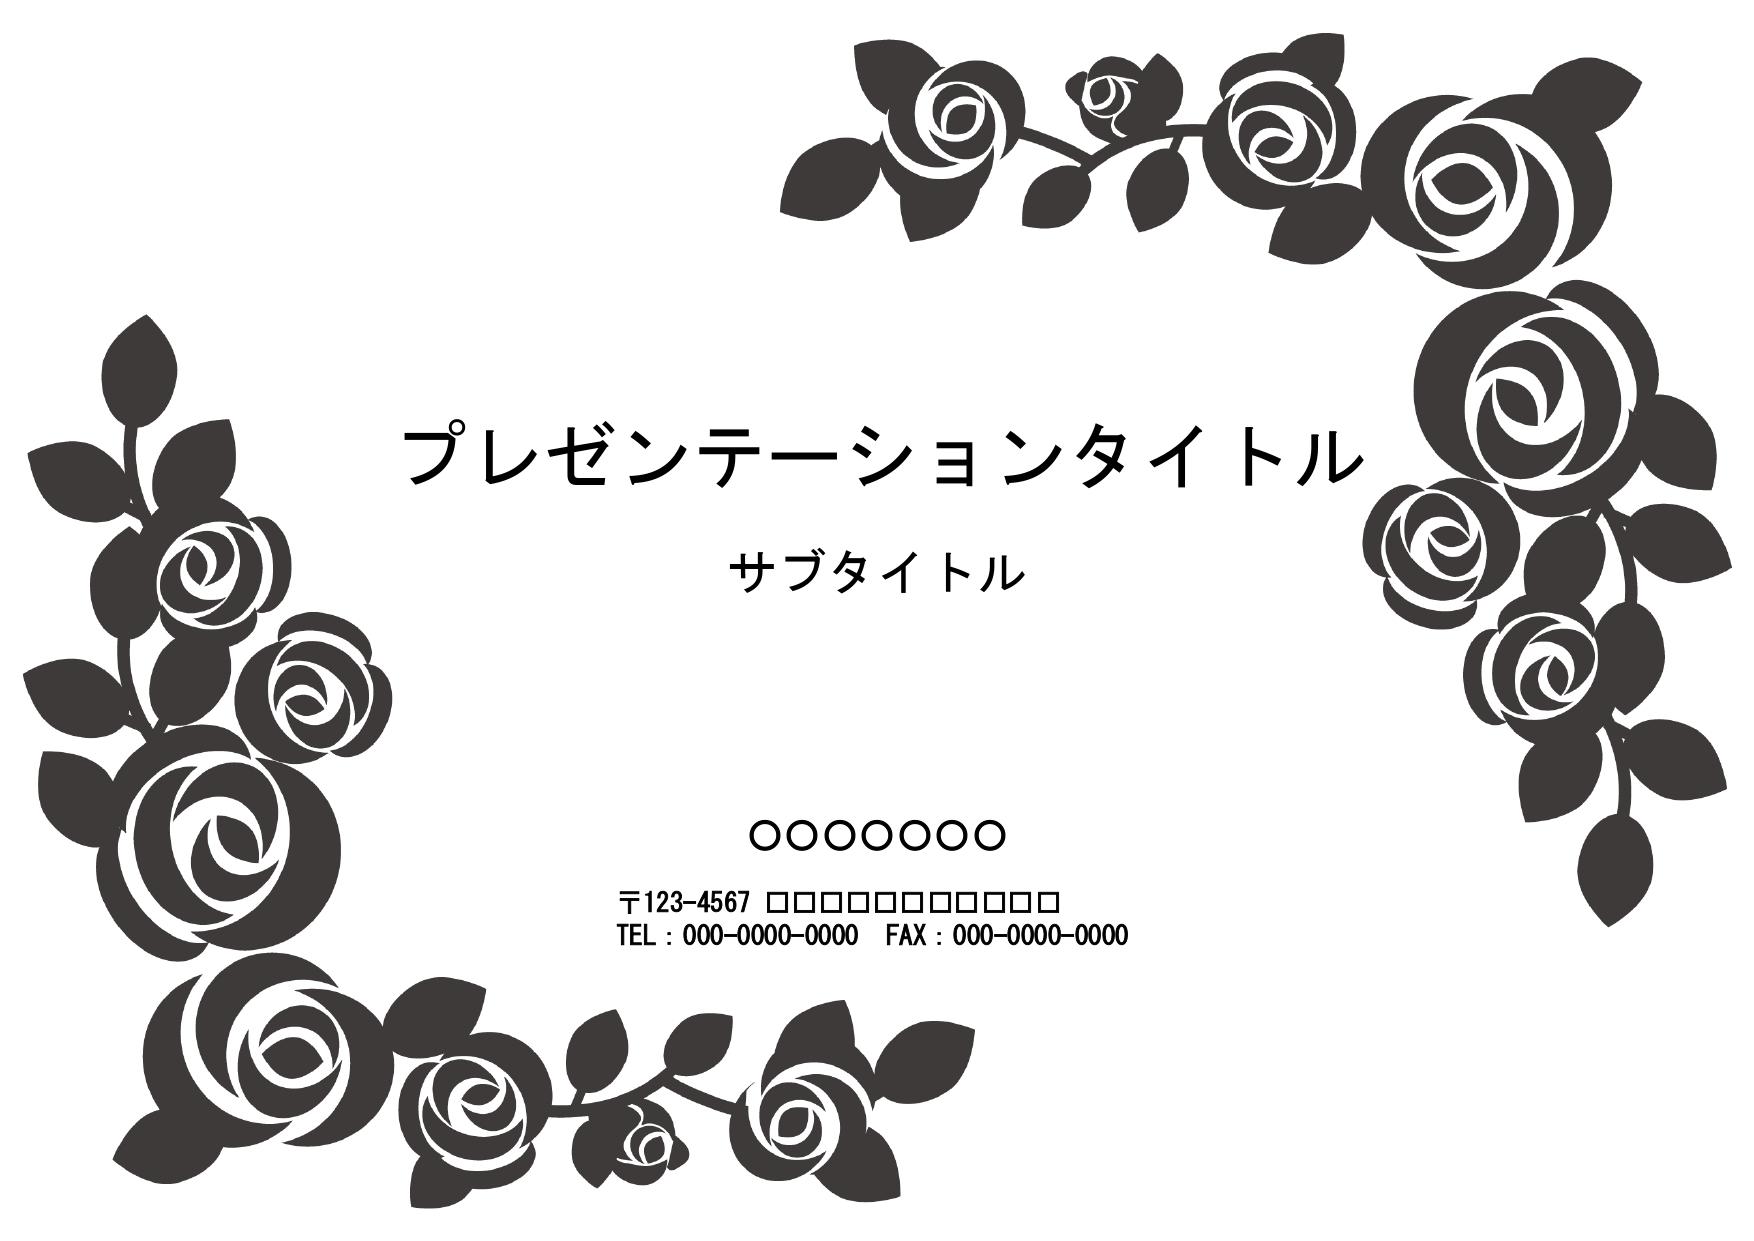 薔薇の花の背景「モノクロ」パワーポイントの無料テンプレート素材